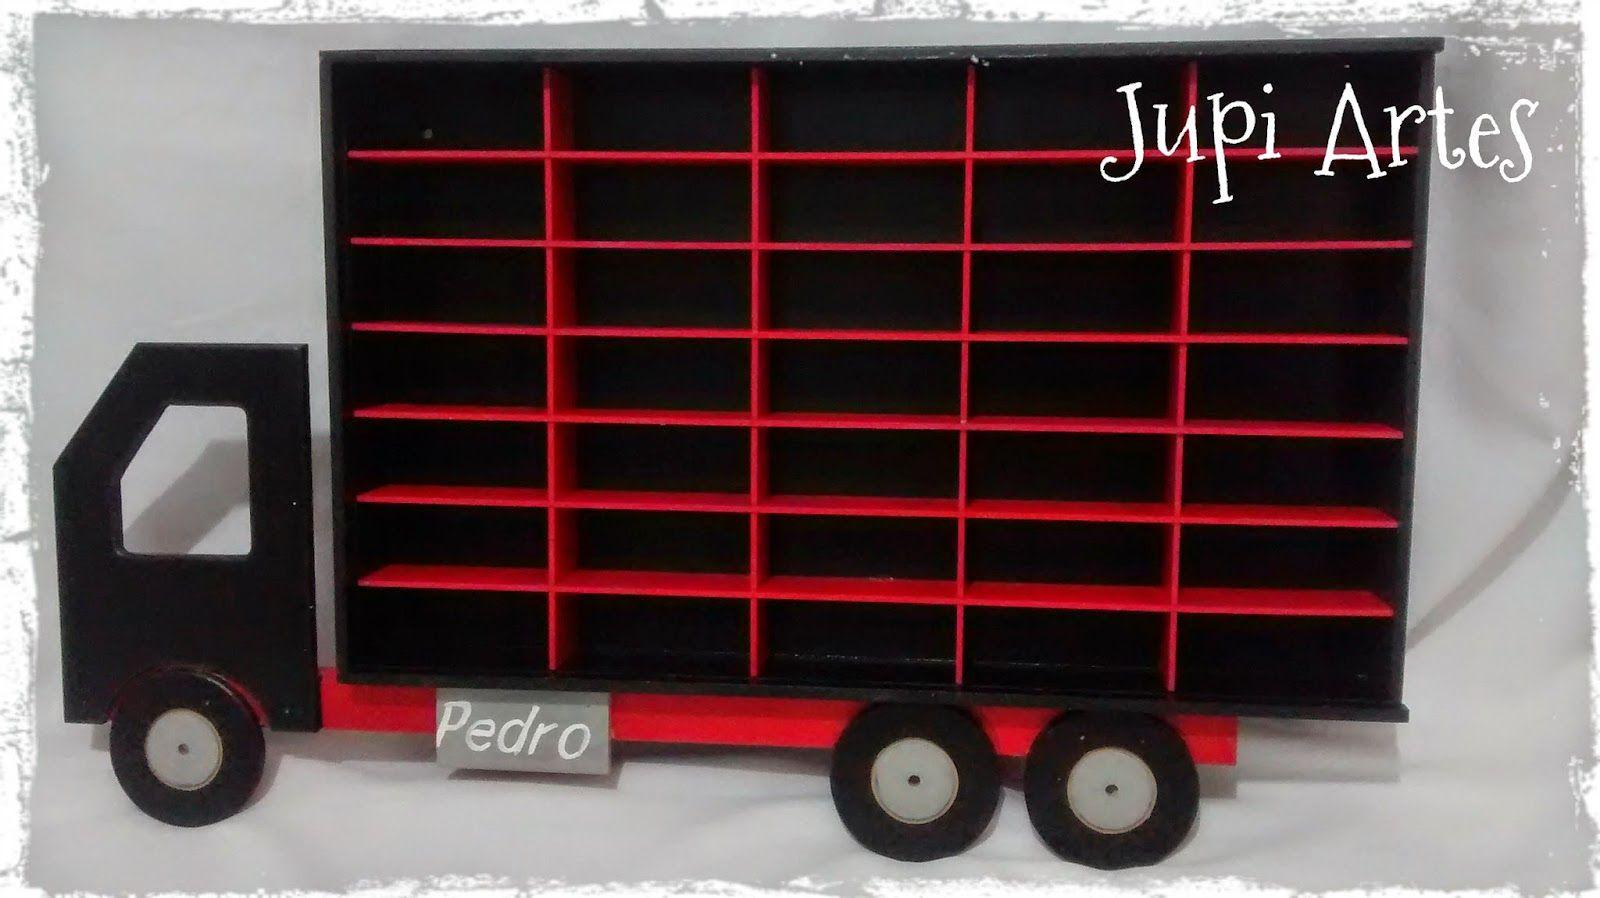 Jupi Artes: Porta Hotwells